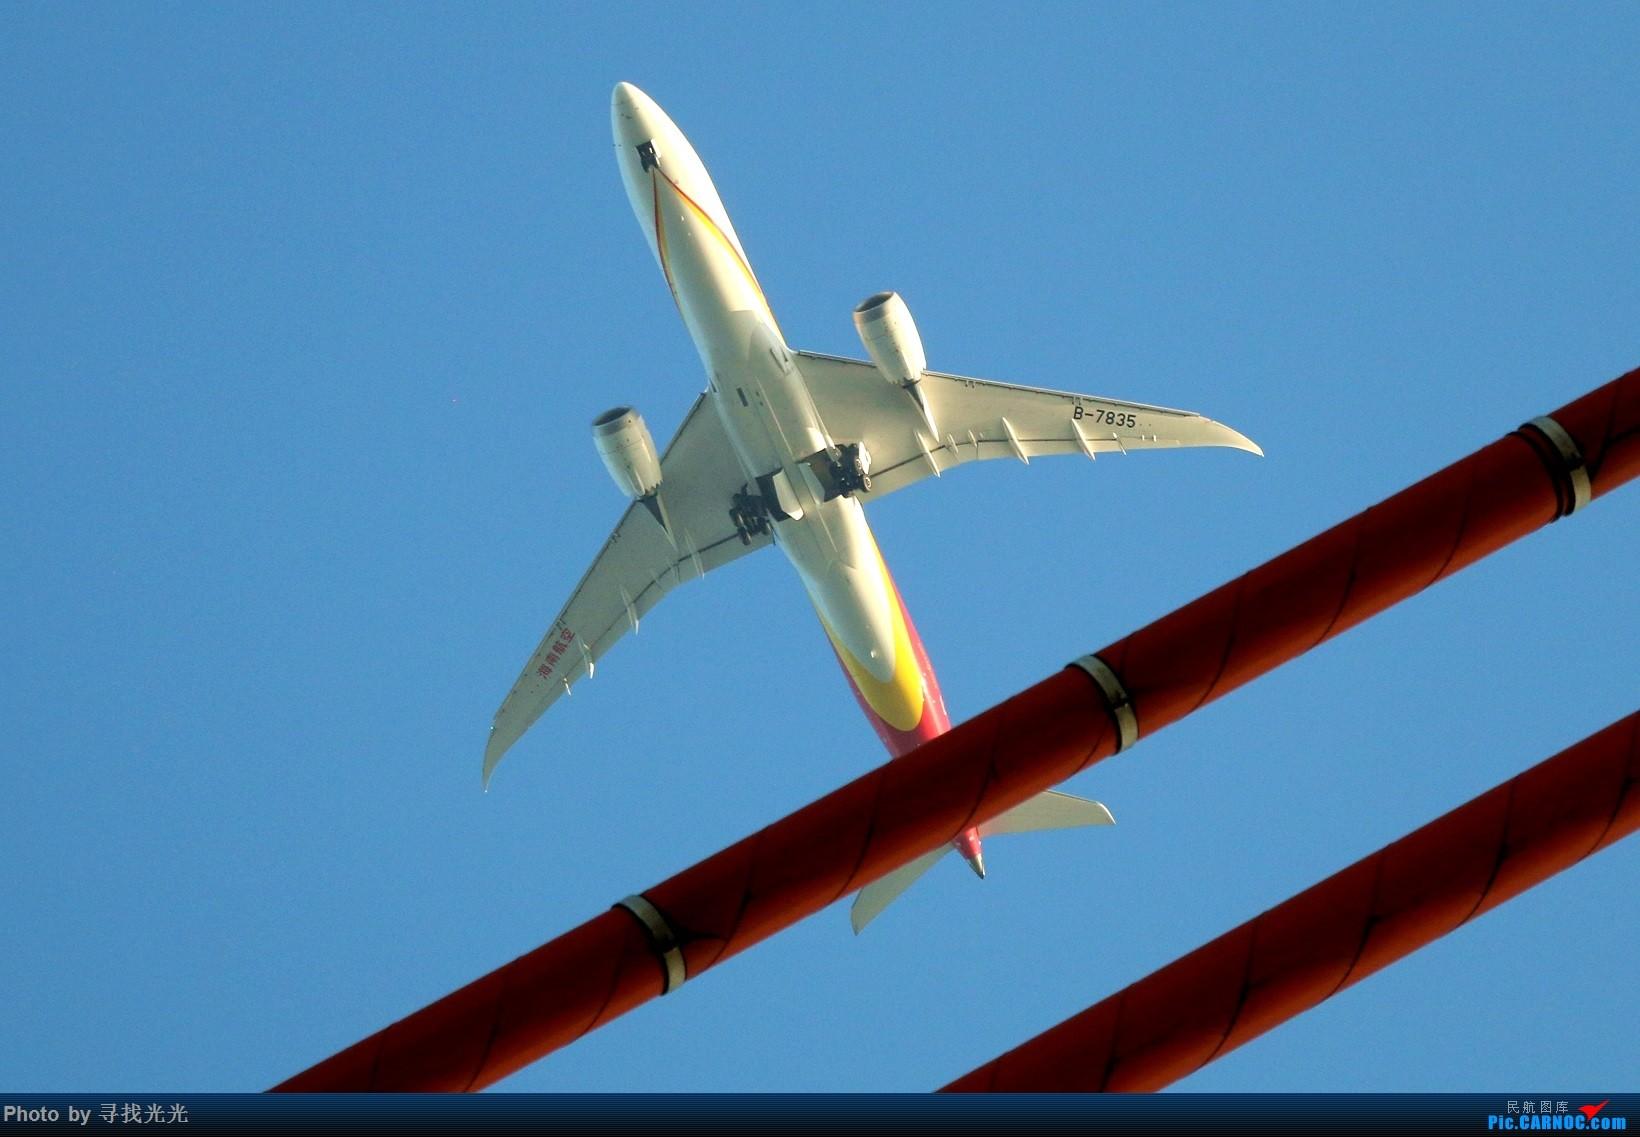 [原创]飞机与山城重庆的桥(海航787系列;芬航罂粟花;空桥货运、国航748) BOEING 787-9 B-7835 重庆东水门大桥